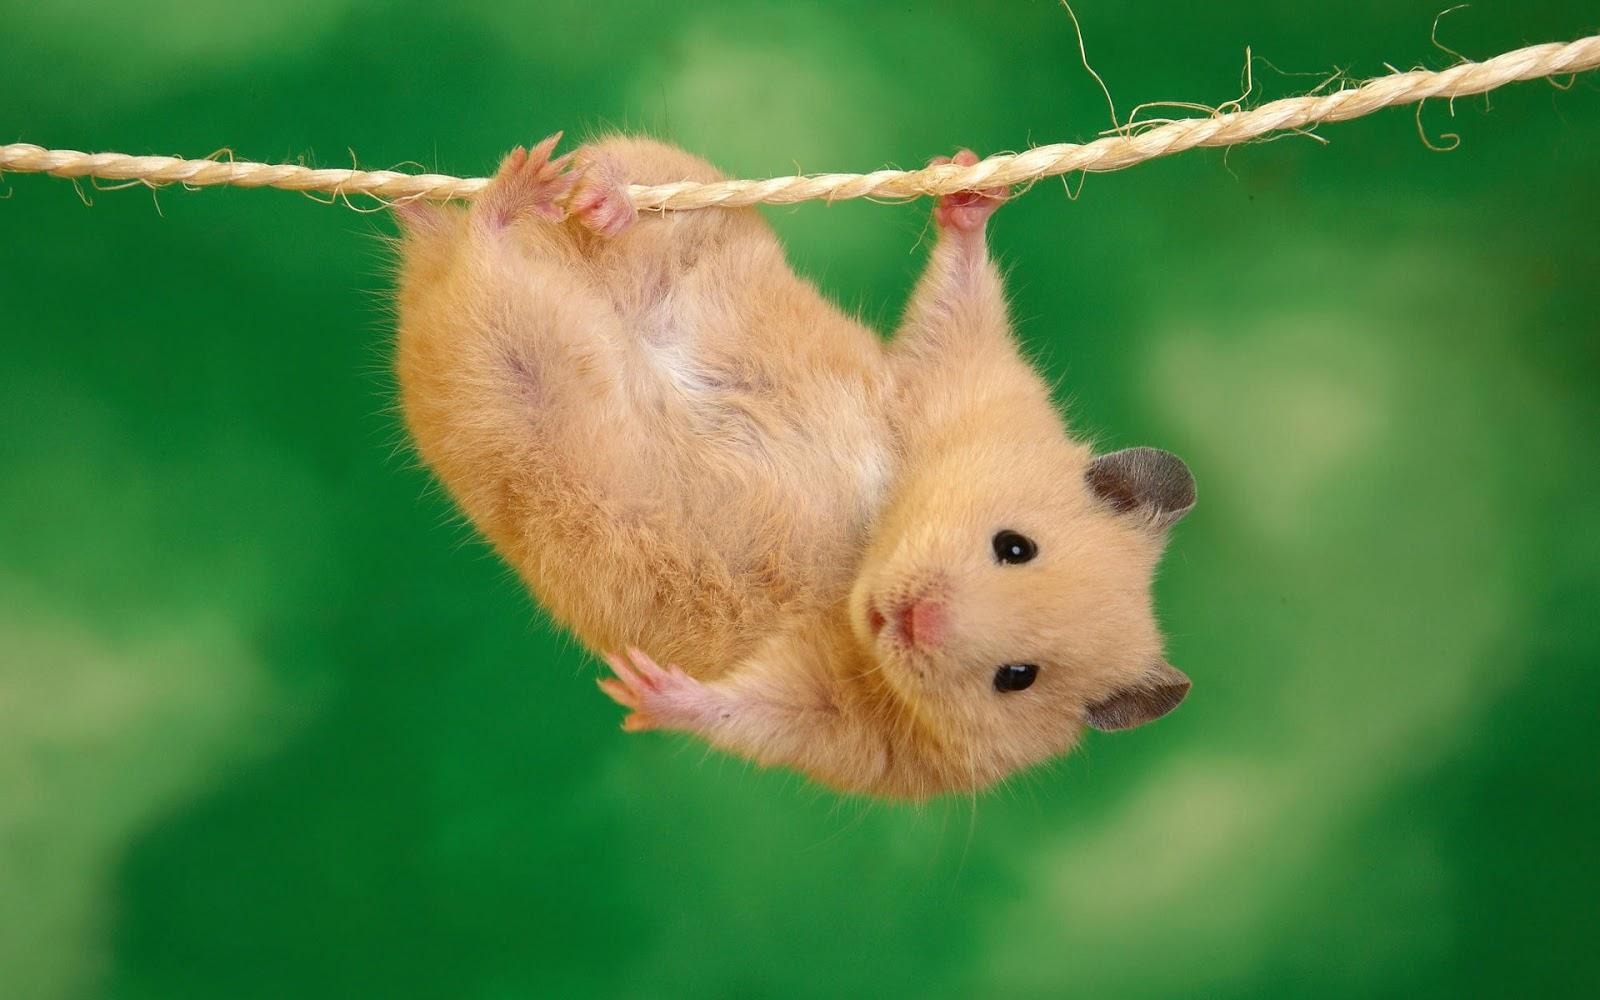 http://3.bp.blogspot.com/-2xGwjia9tZo/UaGi9WKOSTI/AAAAAAAAFJ8/ym8GYpoNzEk/s1600/mouse.jpg